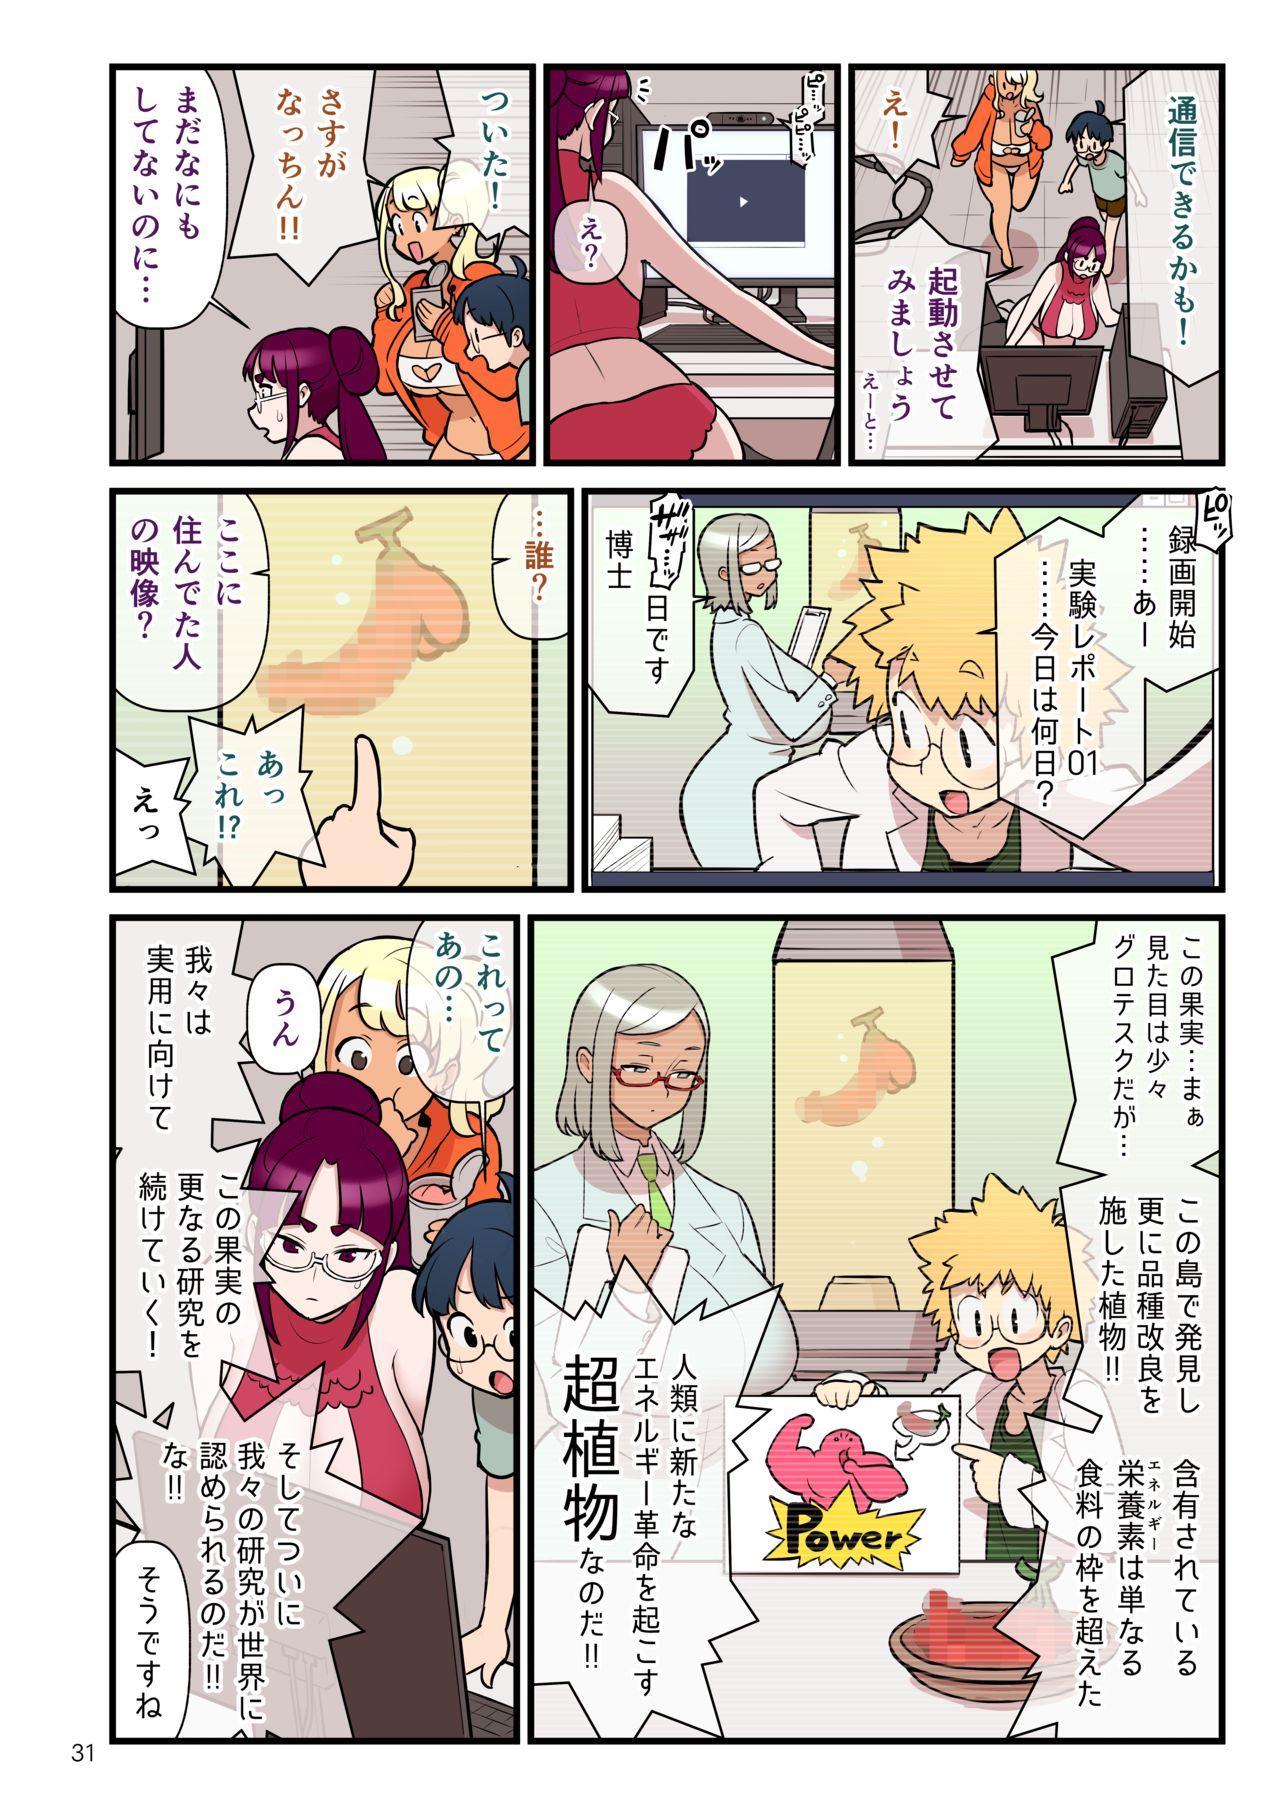 Kuro Gal VS Fuuki Iin - Black Gal VS Prefect 3 31